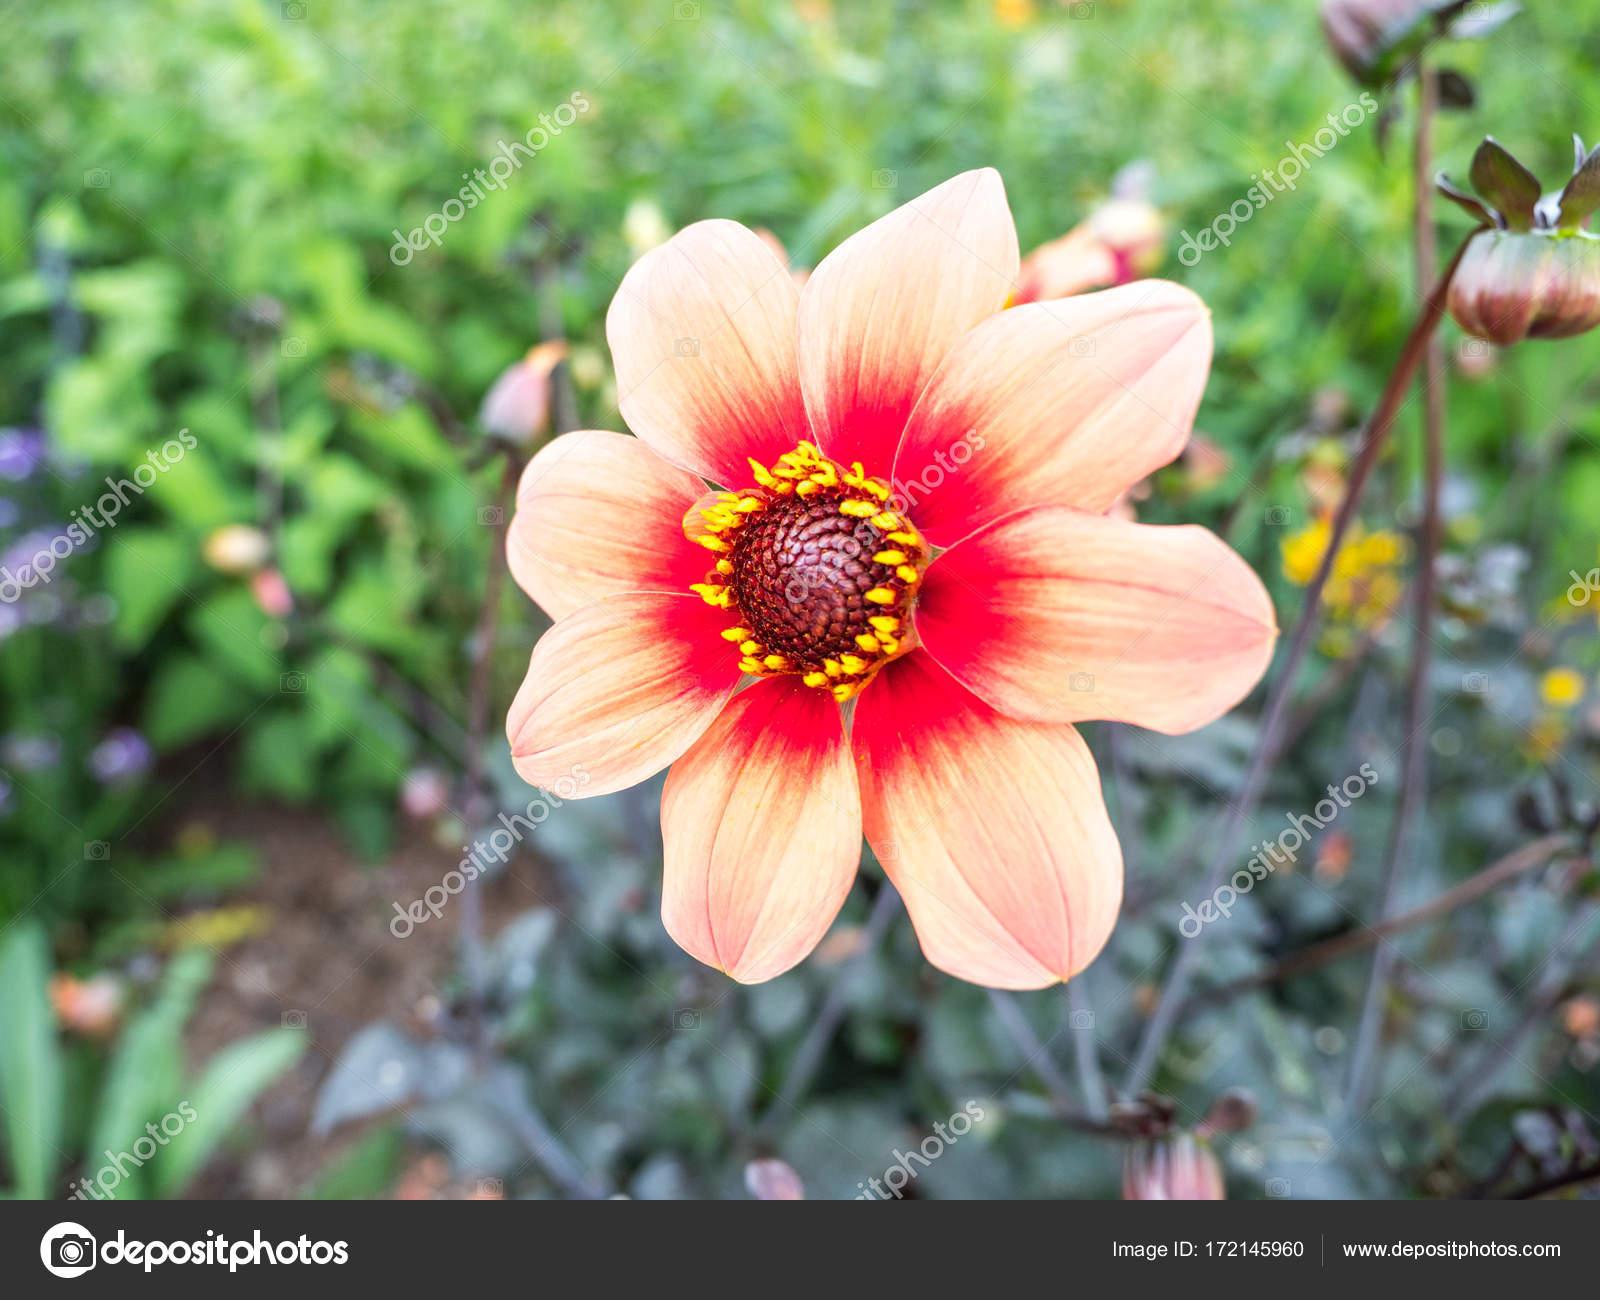 Фото цветка с красным центром 75